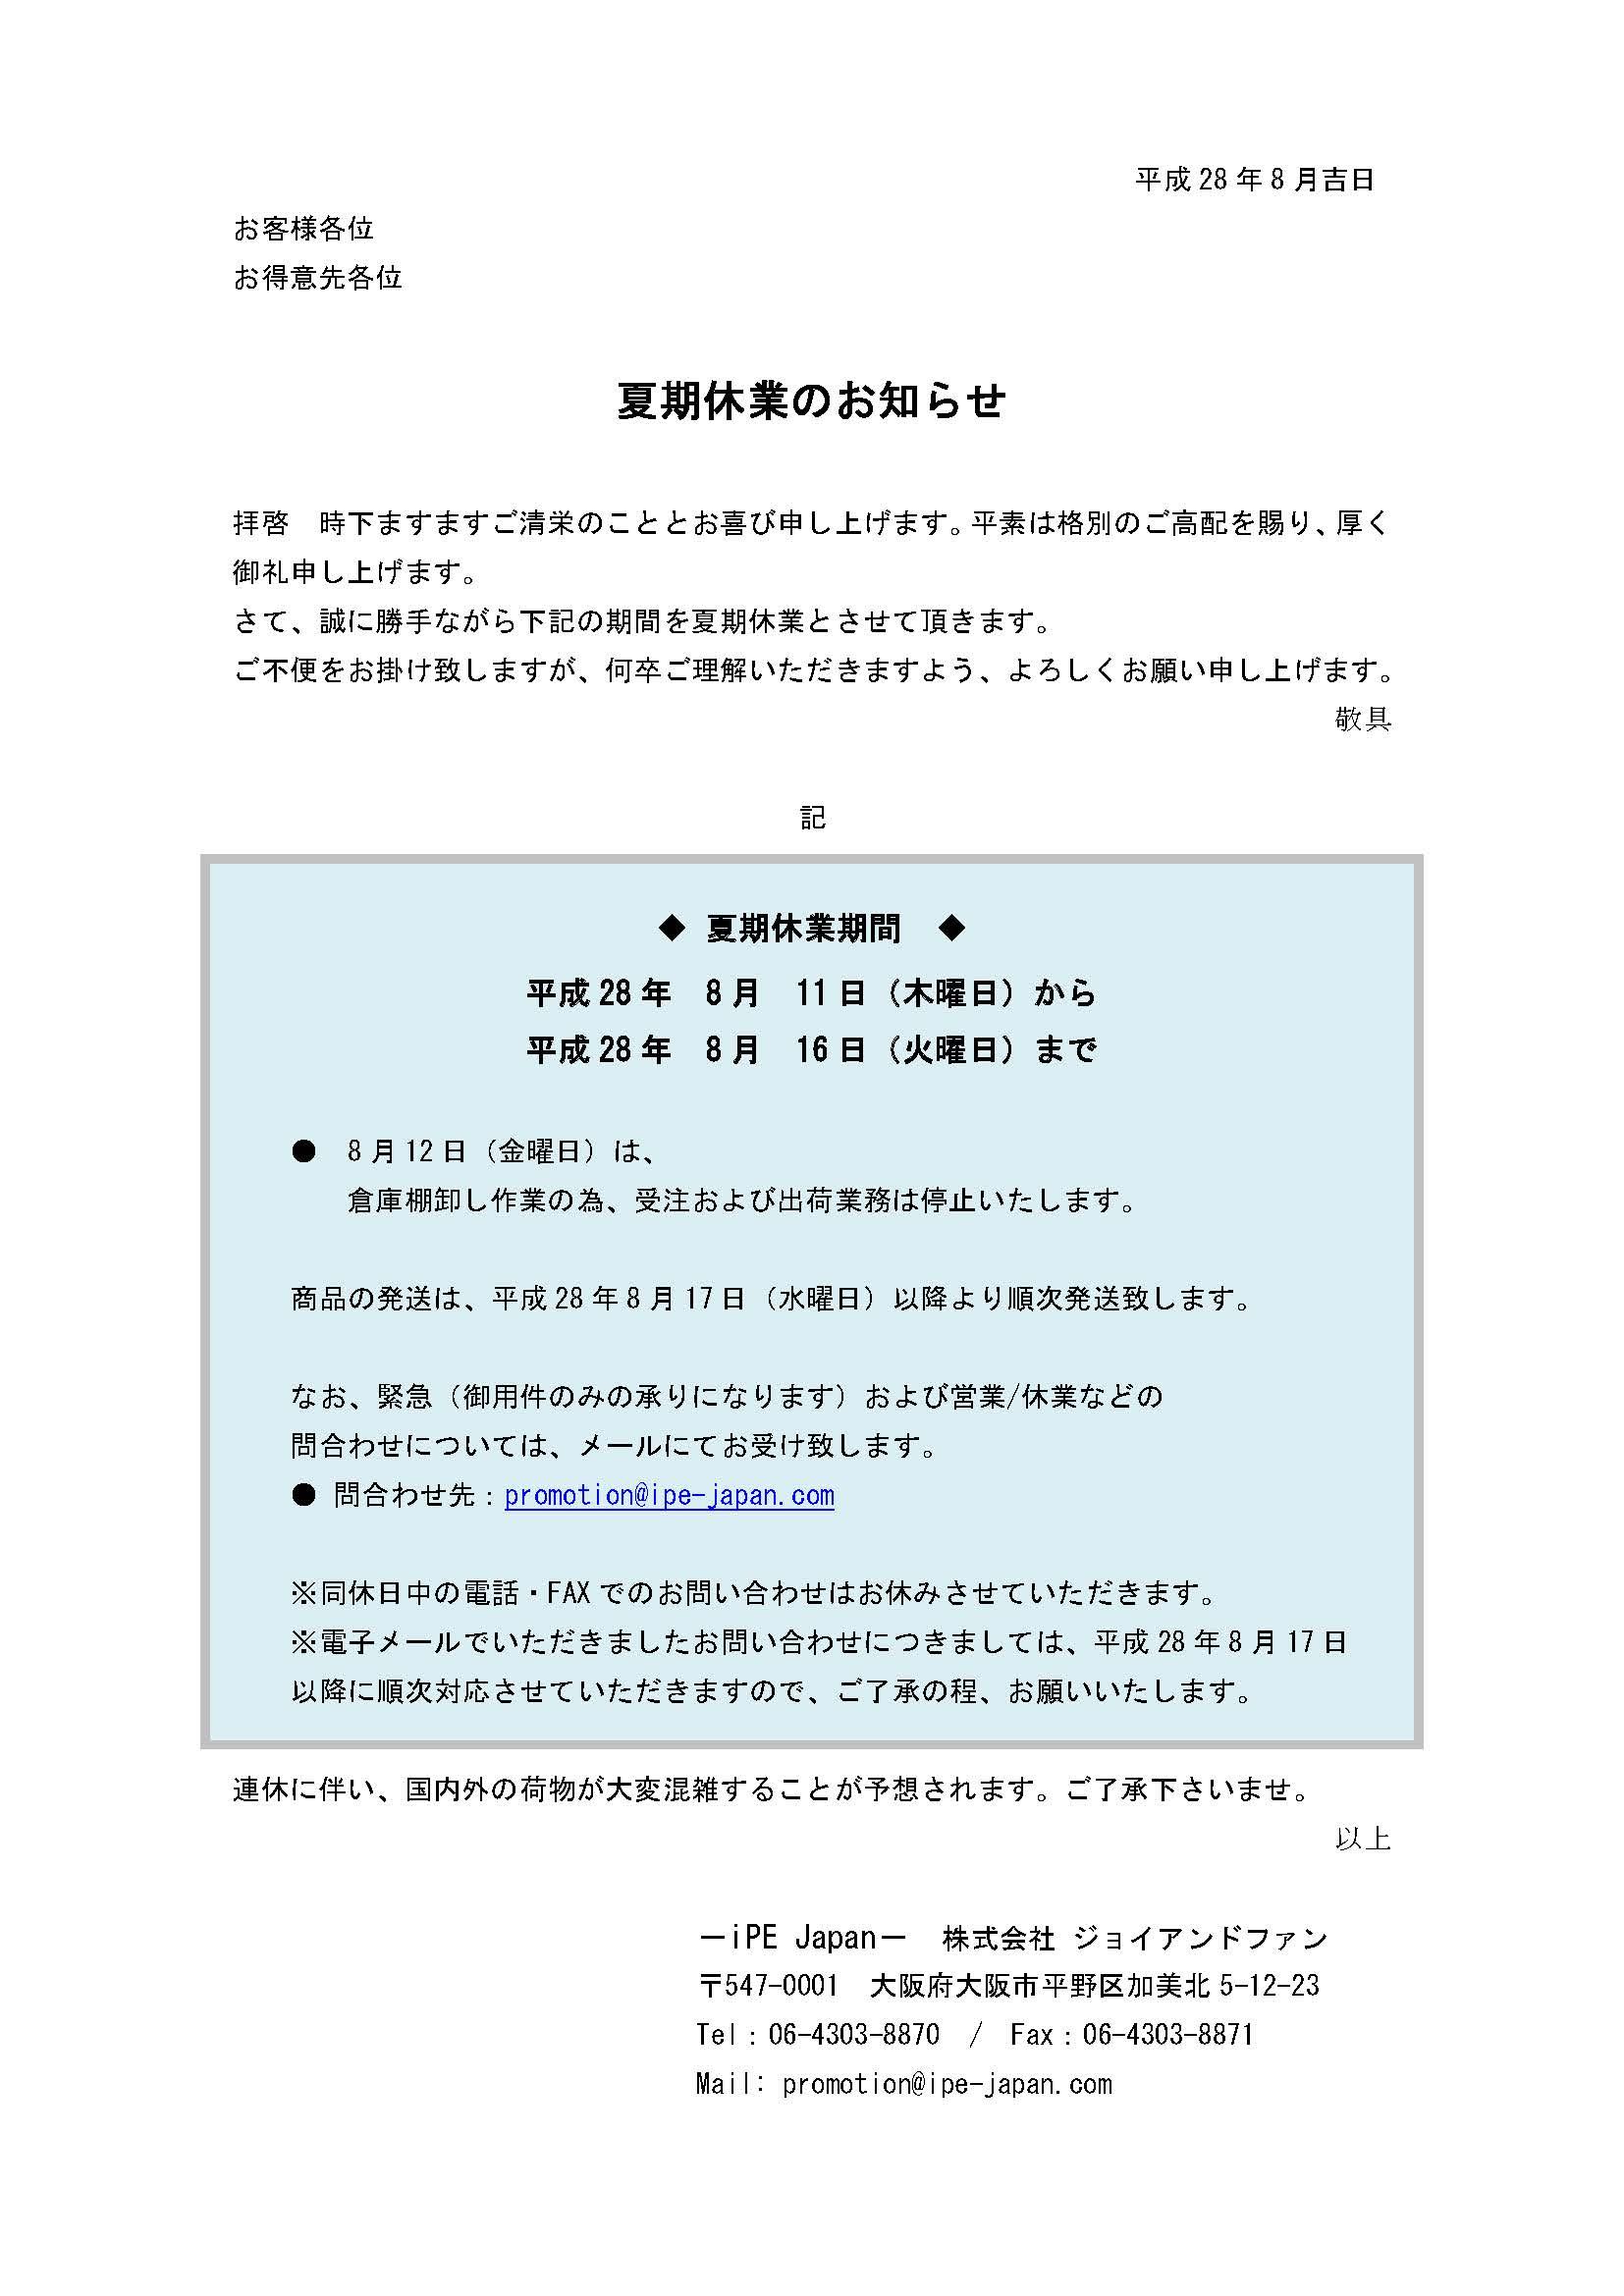 2016_8 夏期休業のお知らせ